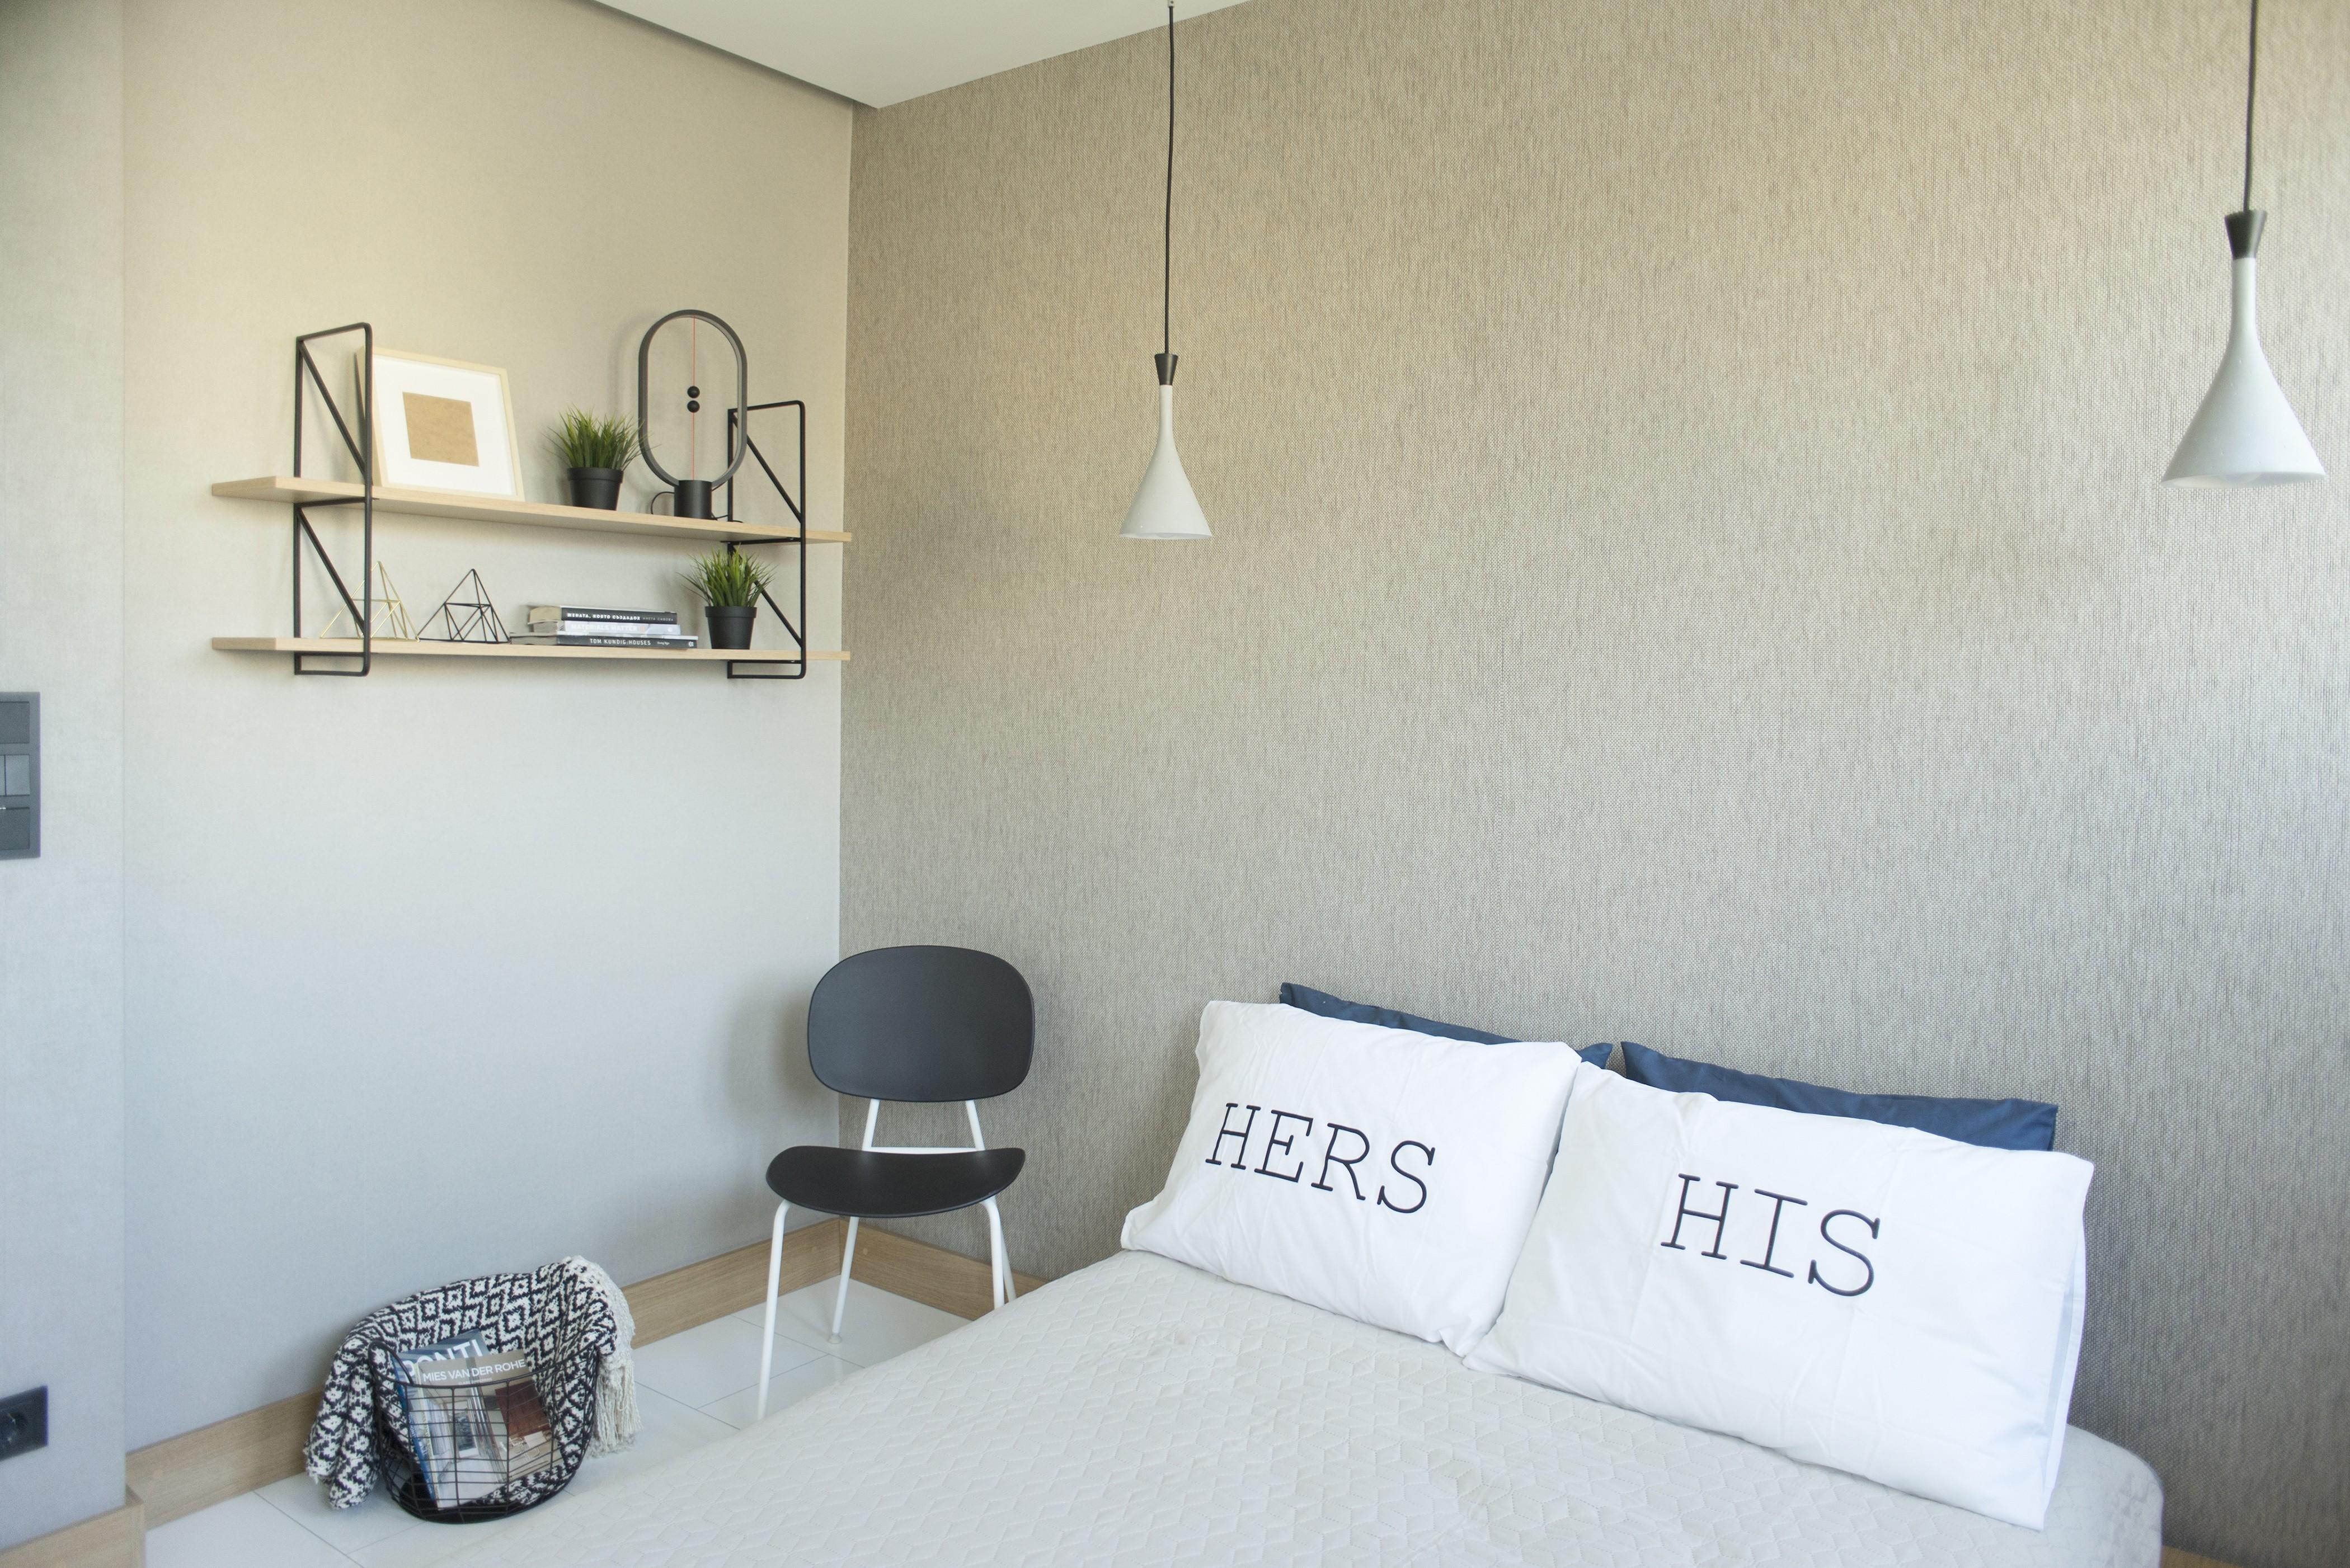 Kleines Apartment einrichten – was kann man auf 5 qm Wohnfläche ...